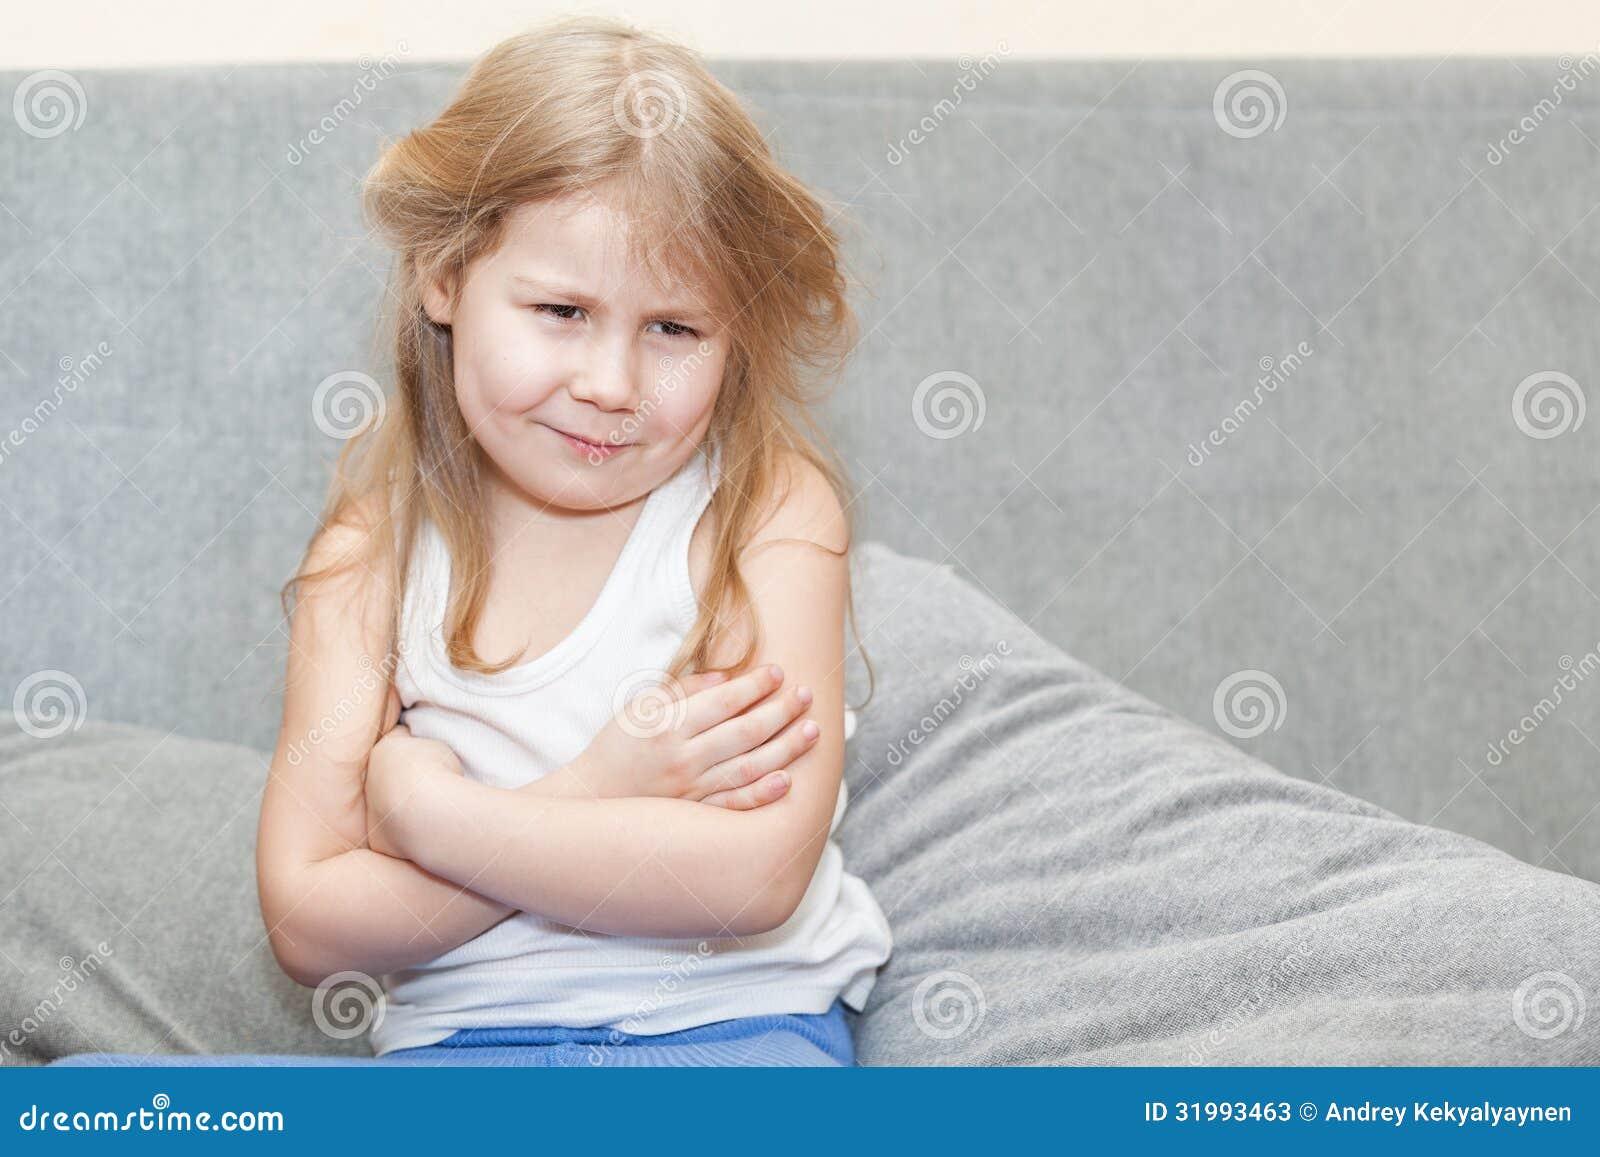 Я положил его руку ей на грудь жена 11 фотография